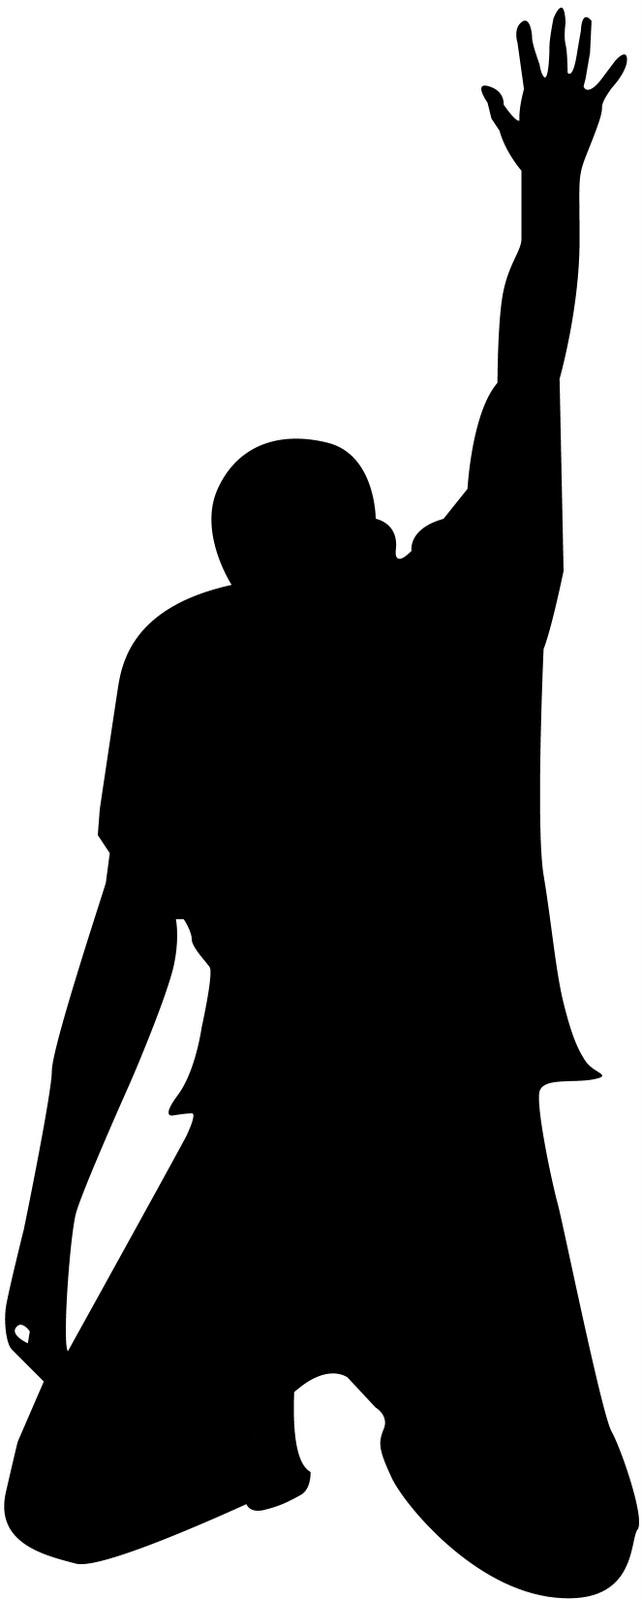 Images For Praying Silhouette Png - PNG Praying - Praying PNG HD